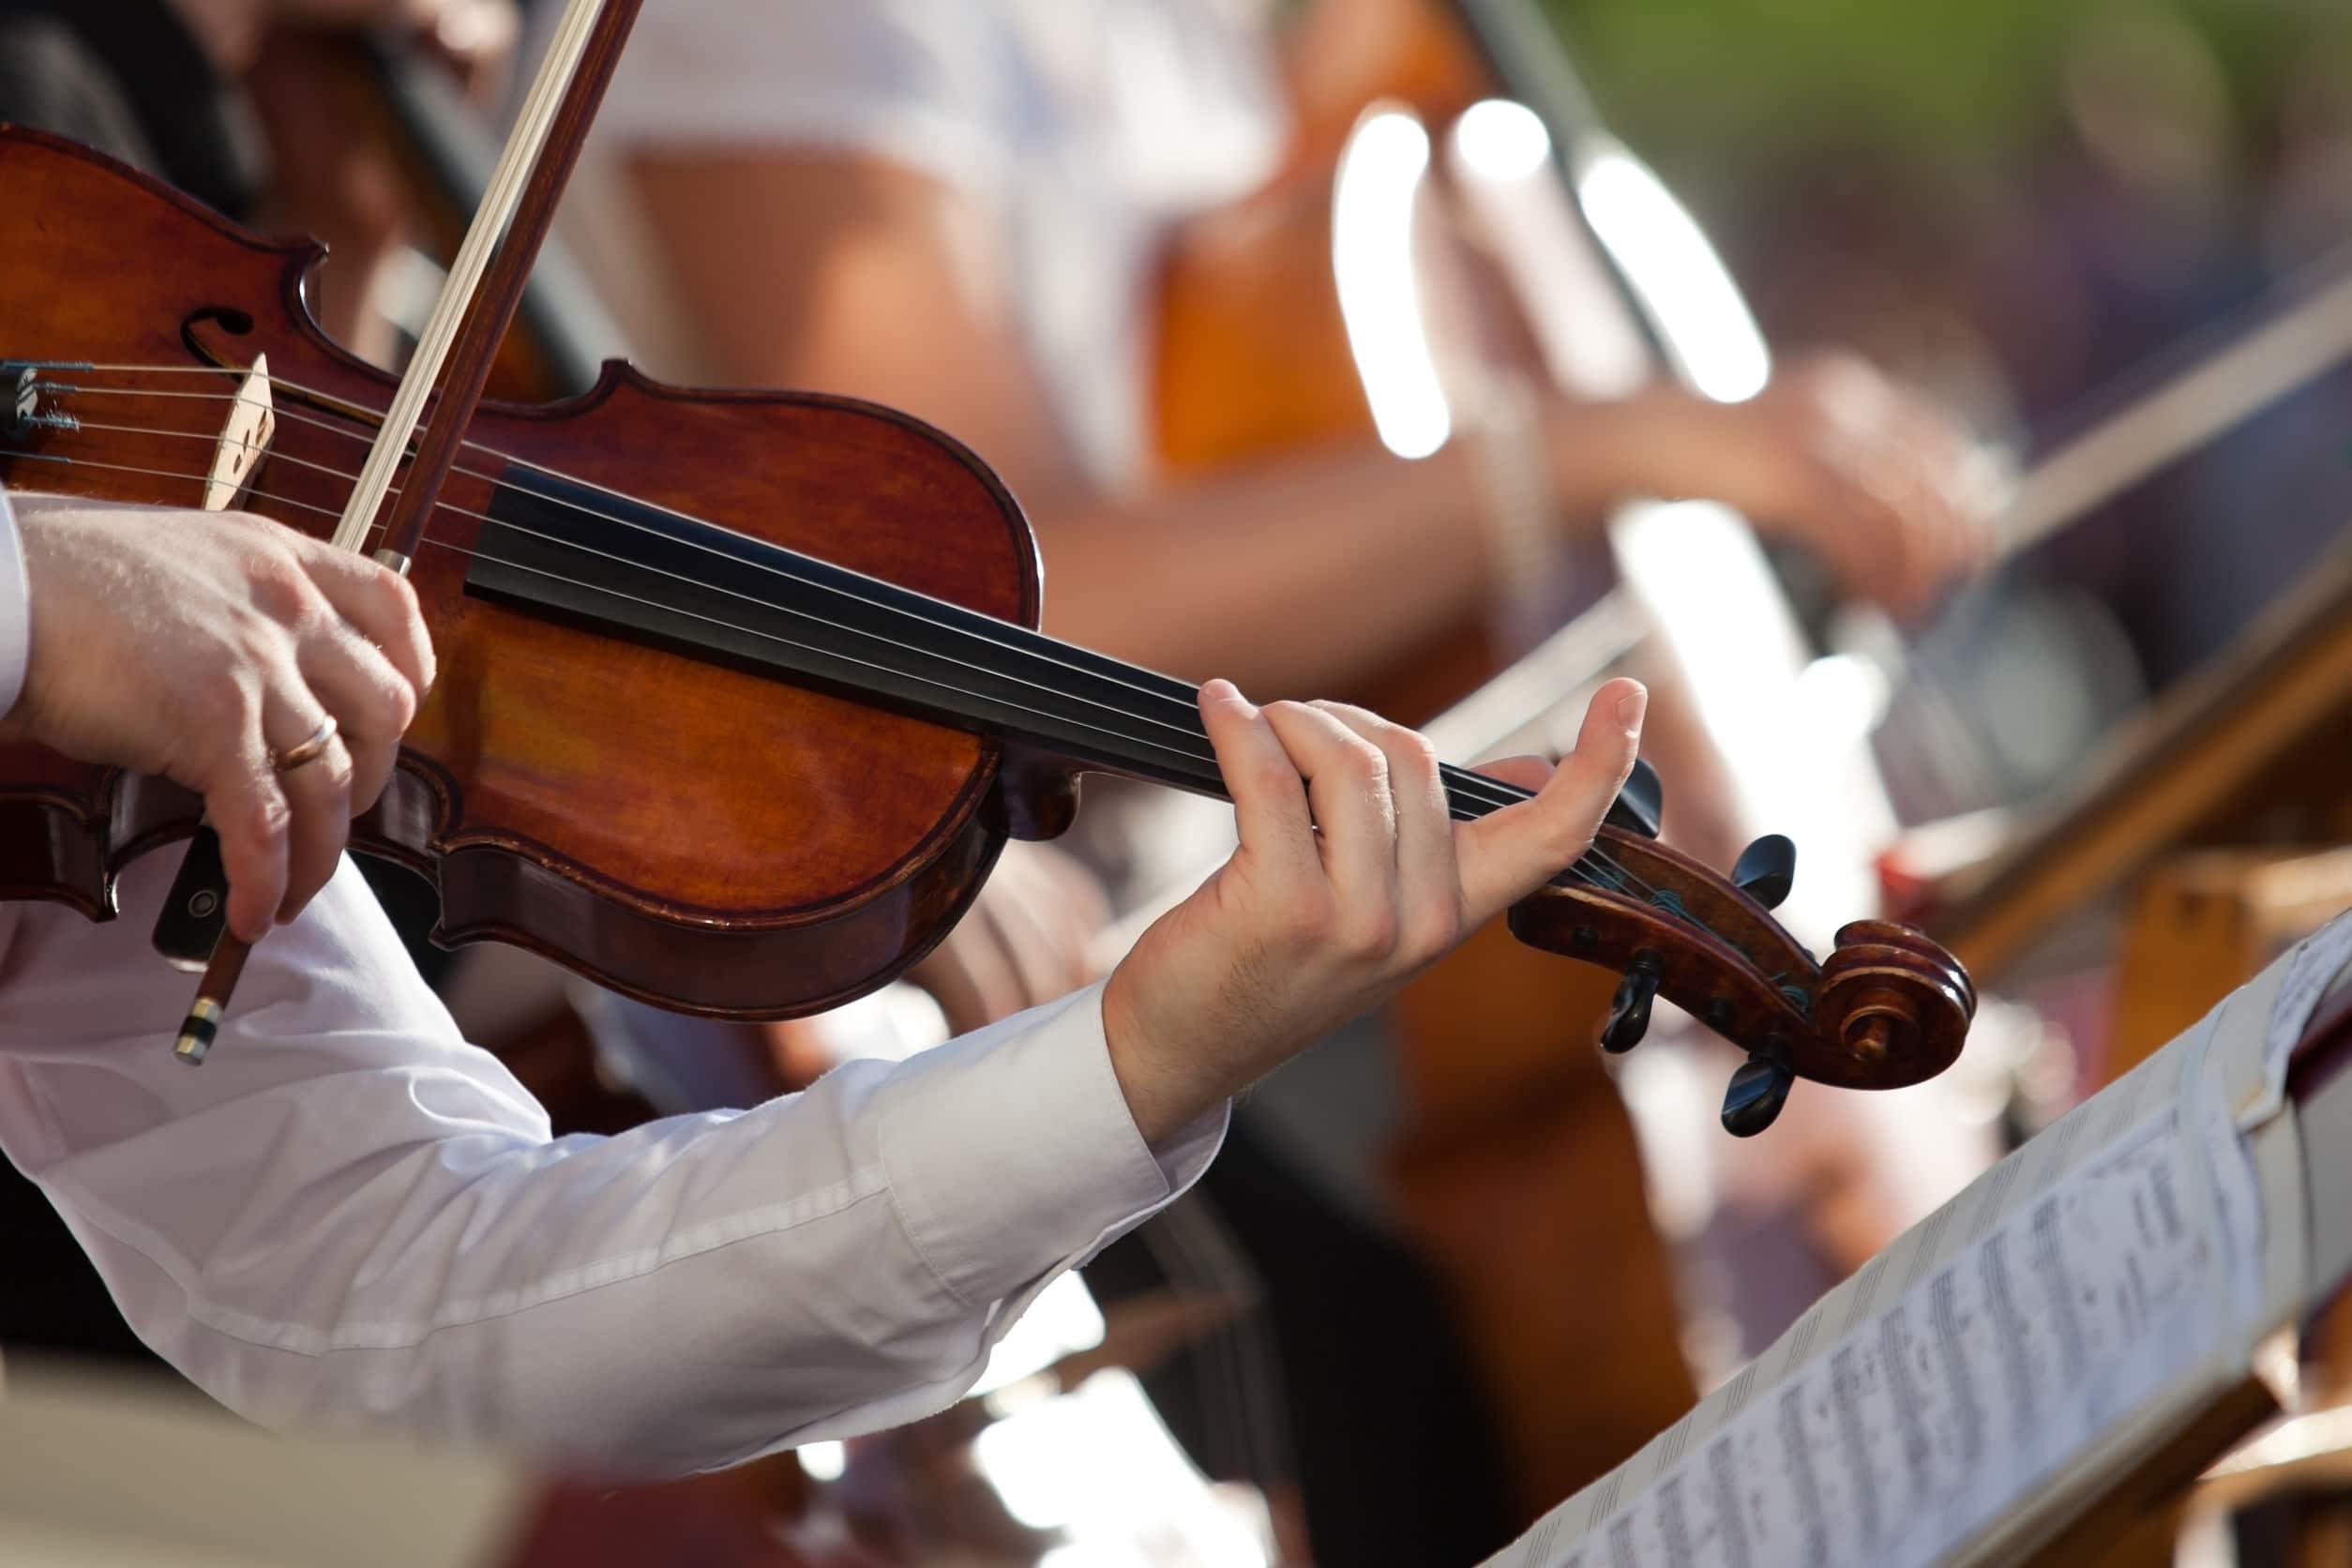 Homem tocando violino. Usa camisa branca. Ao fundo outras pessoas tocando.